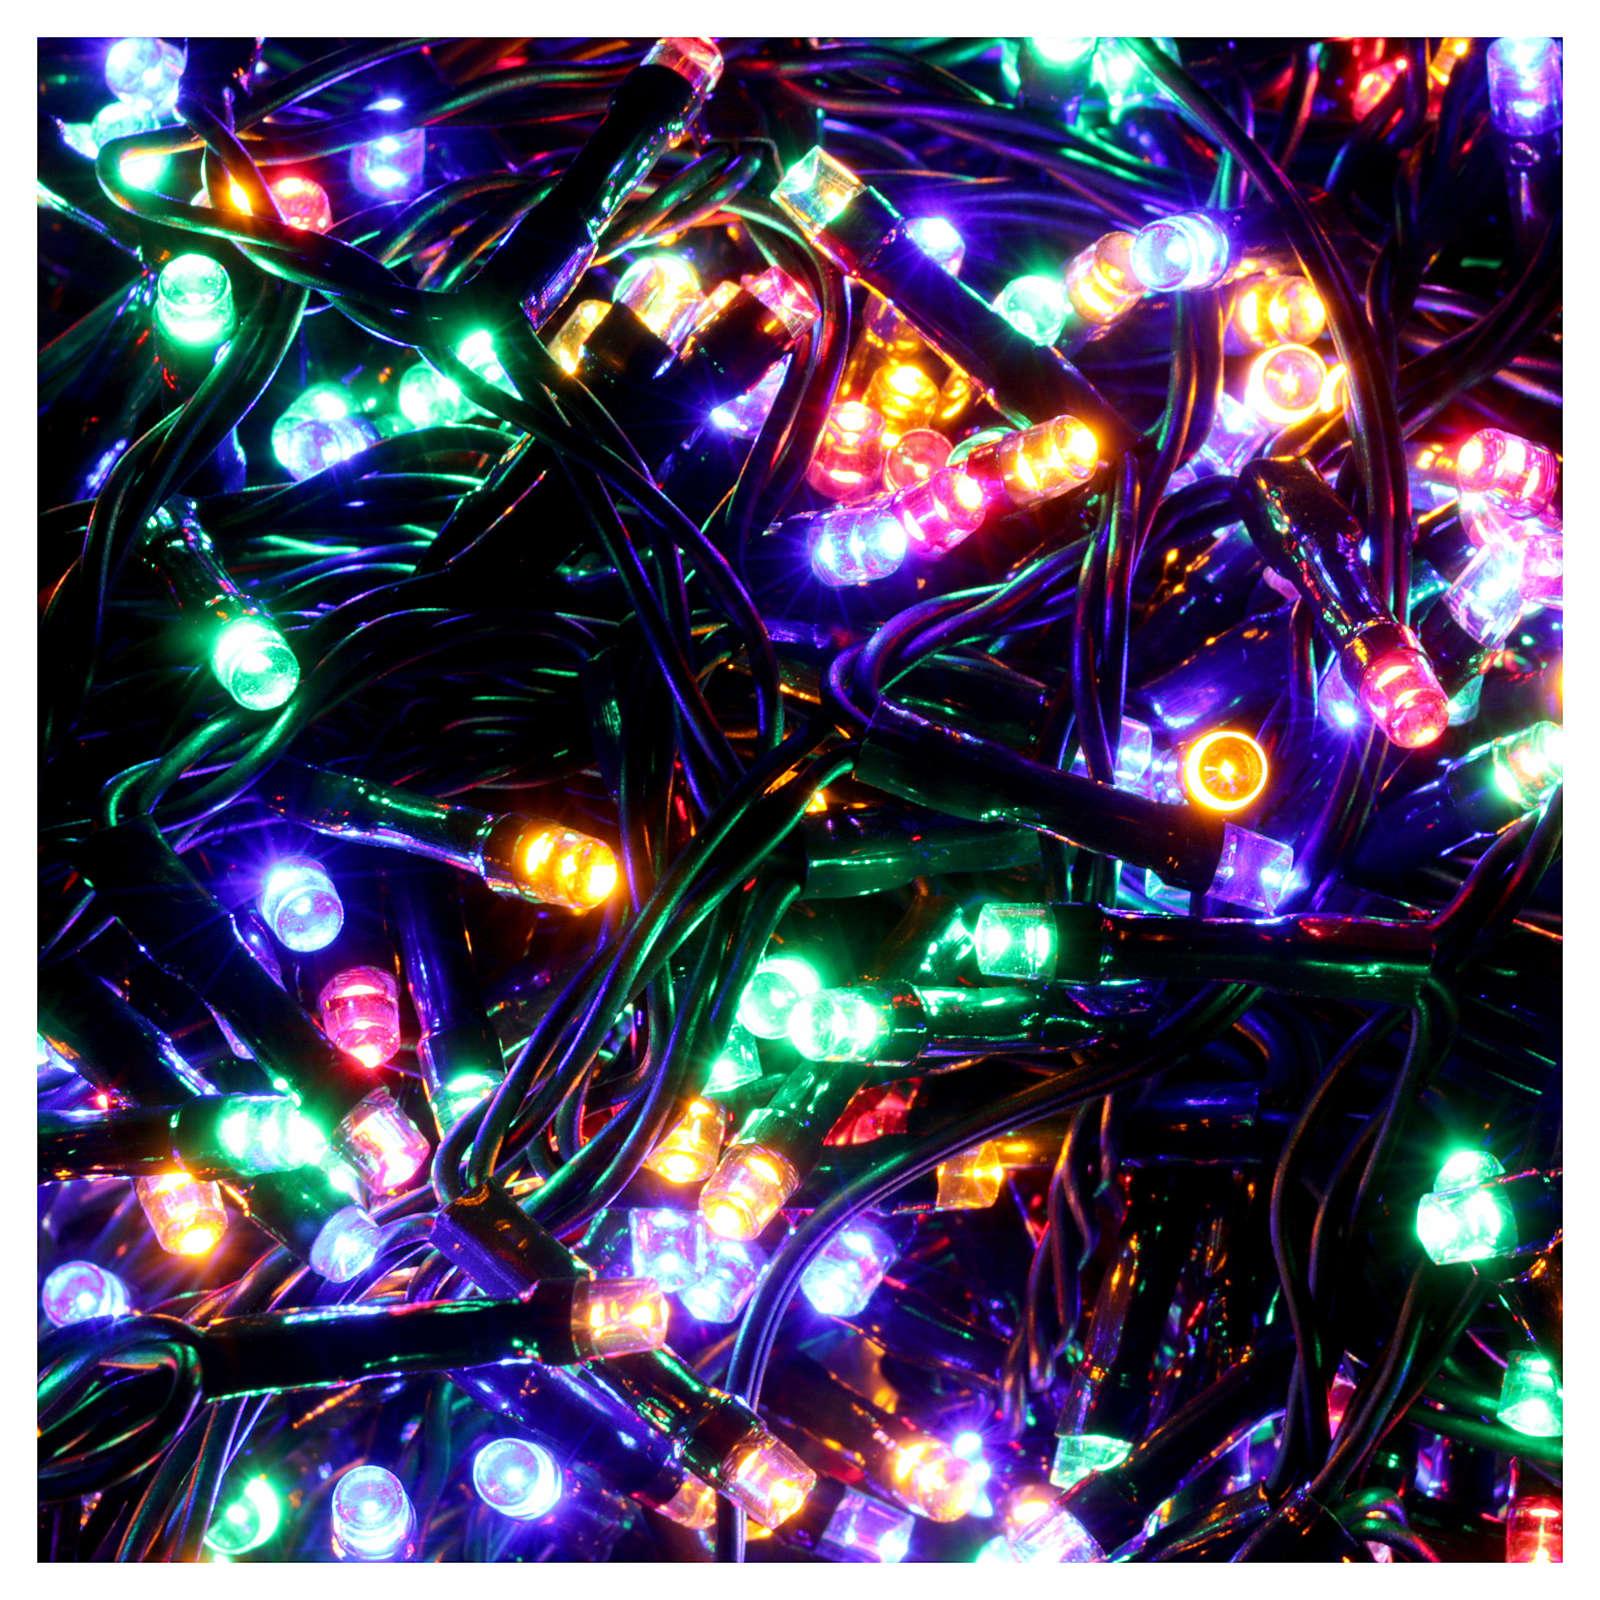 ae3d1ae0687 Luz de Navidad 750 LED multicolor programable EXTERIOR INTERIOR corriente 3